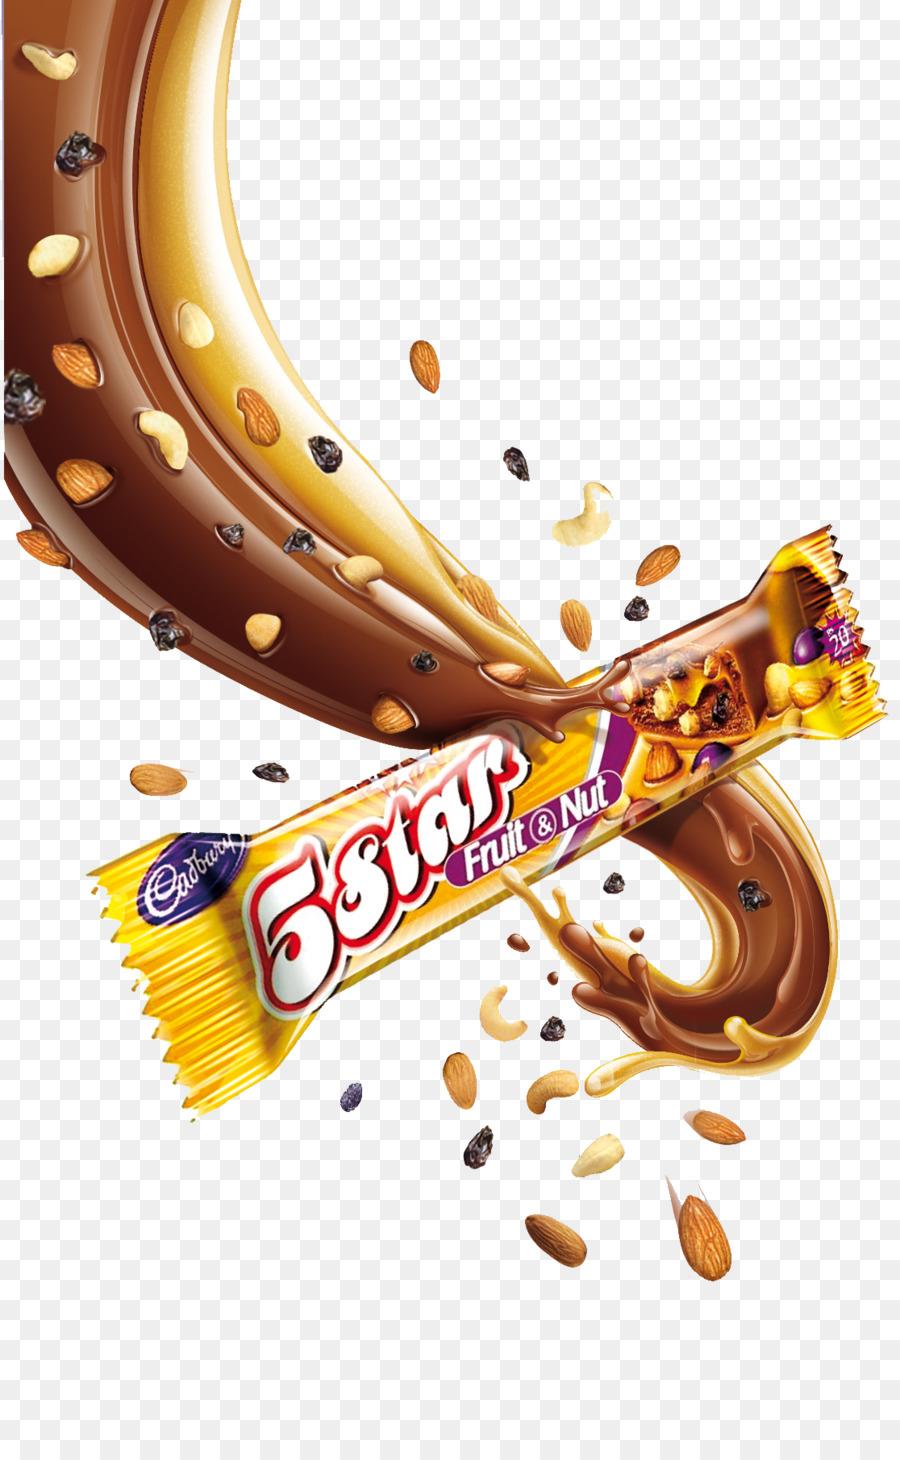 Картинки реклама шоколада